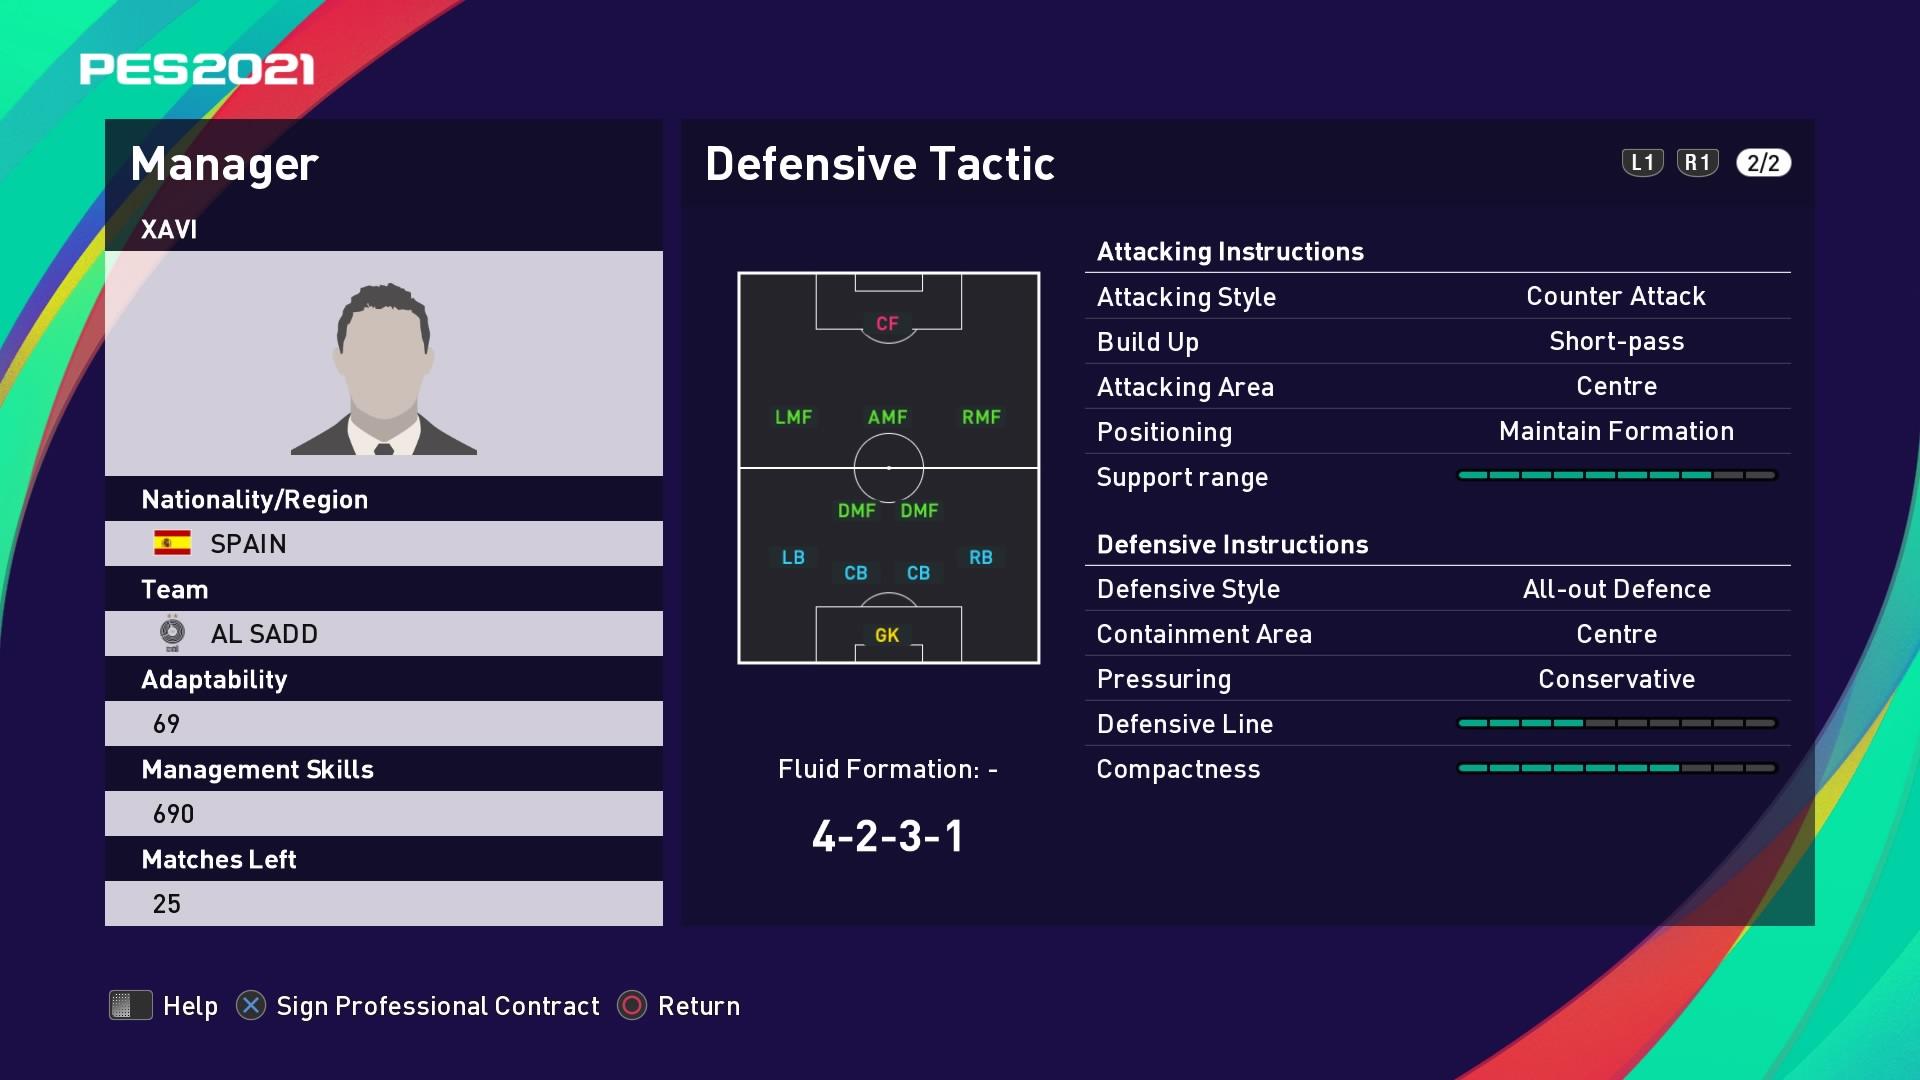 Xavi Defensive Tactic in PES 2021 myClub